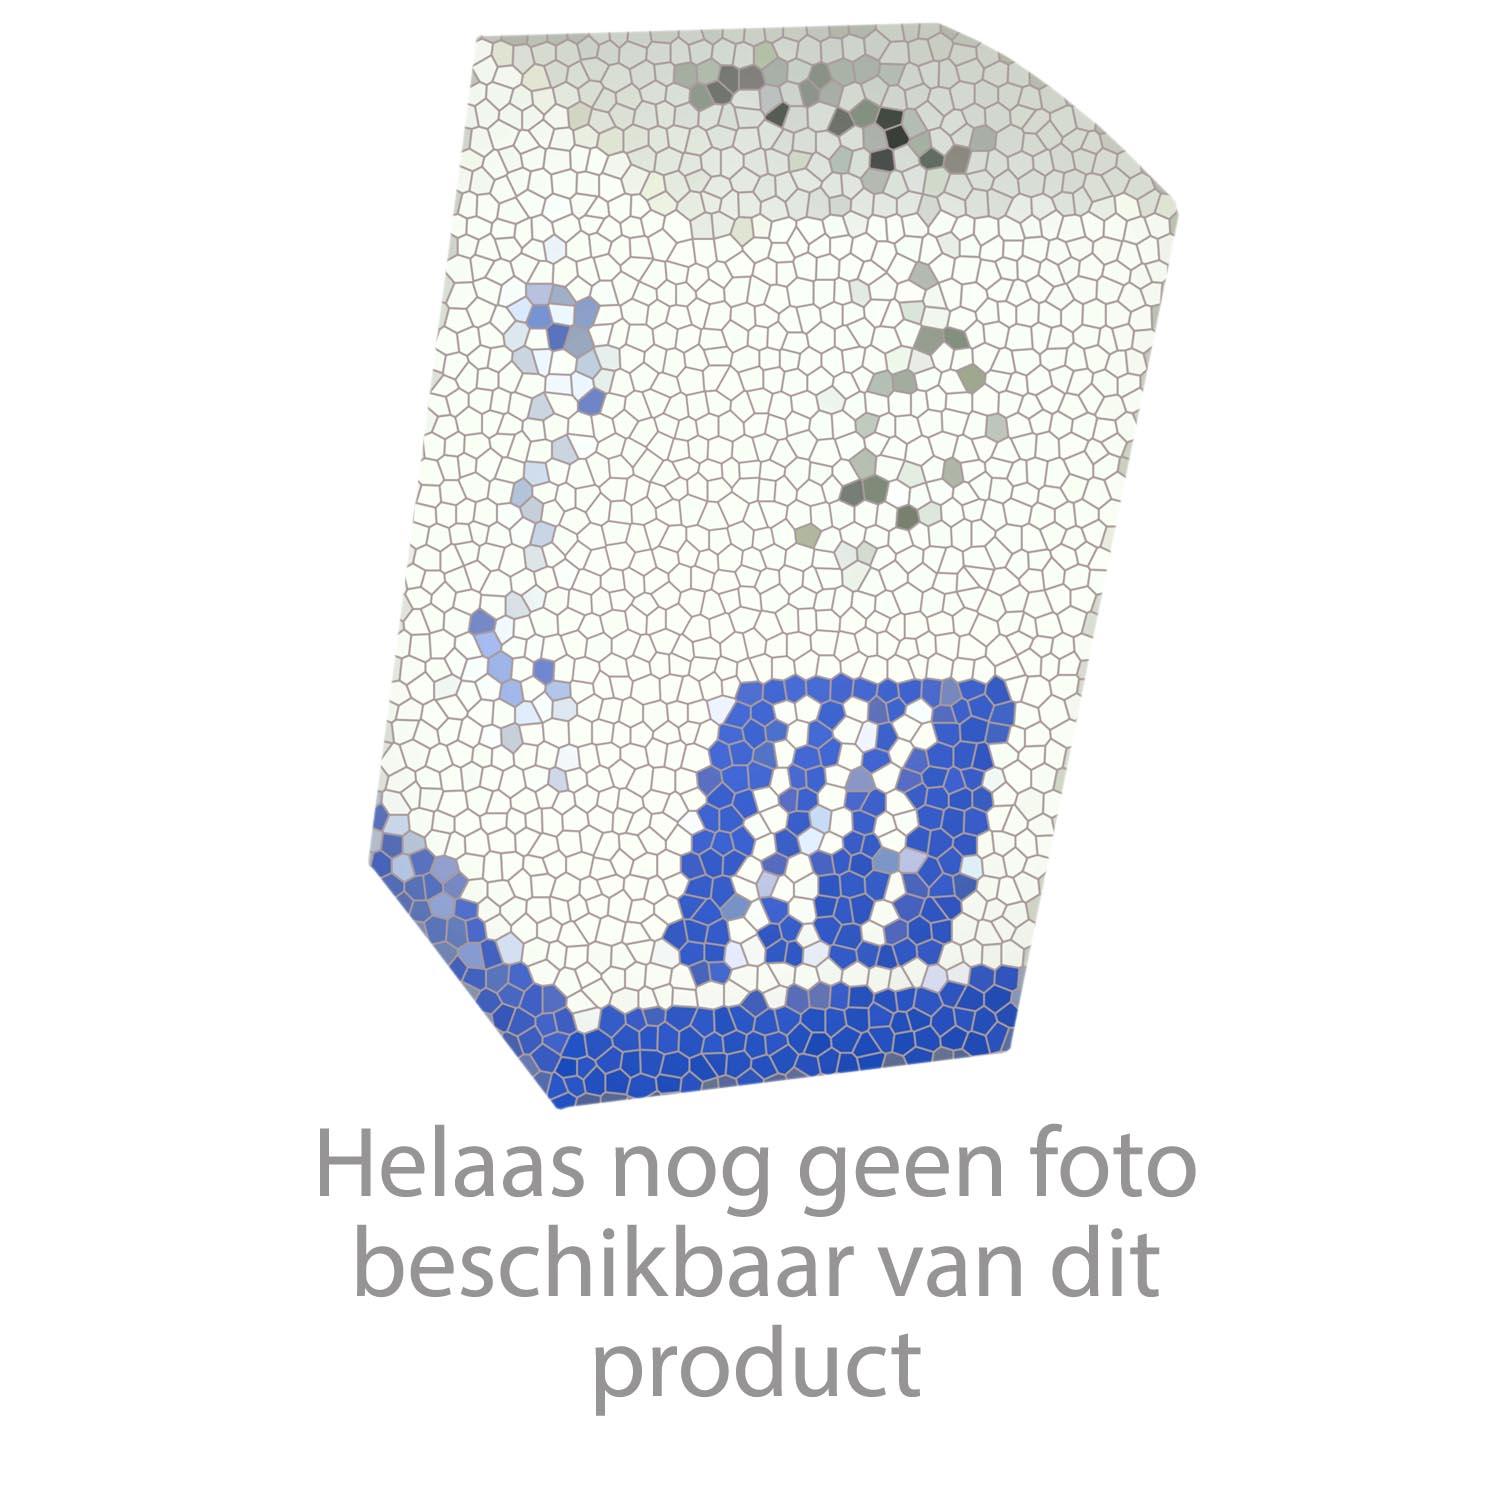 HansGrohe Keukenmengkranen Allegra Starck productiejaar 07/97 - 04/01 10800 onderdelen